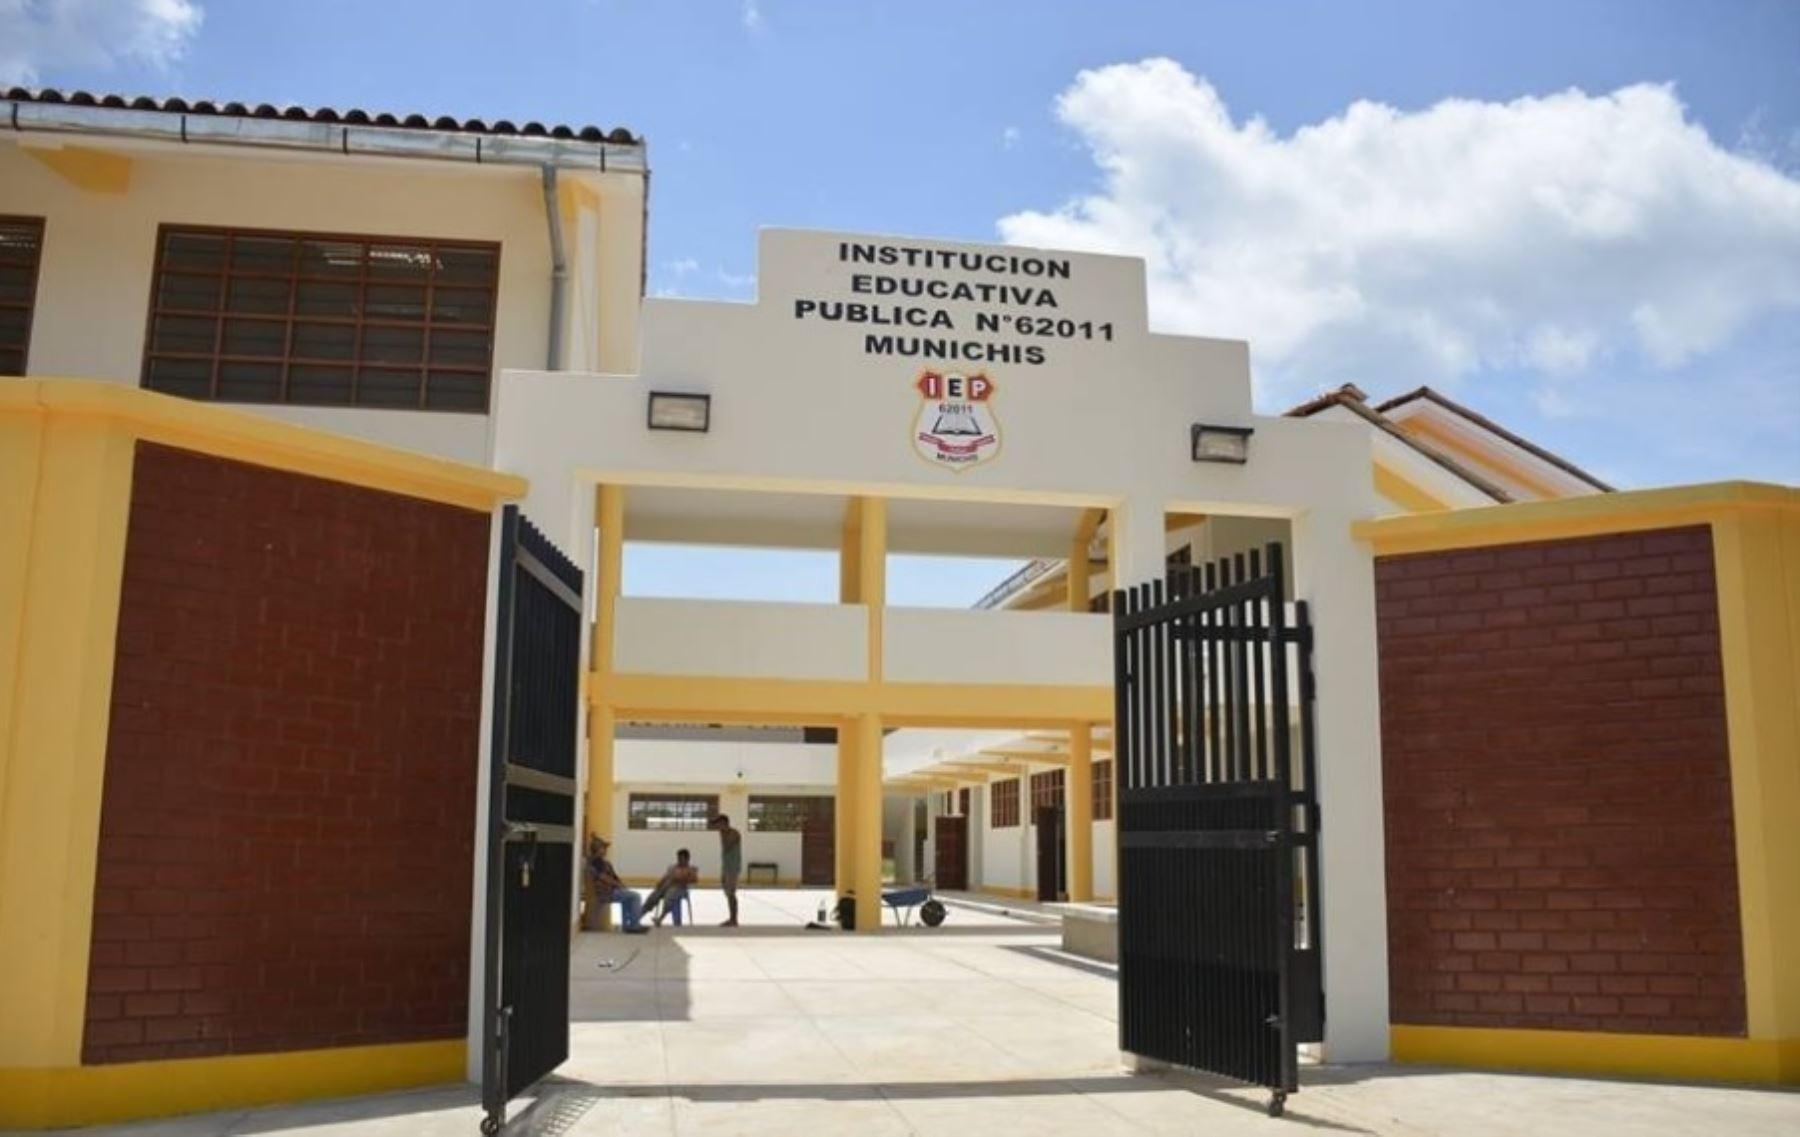 La infraestructura del citado colegio, que albergará a más de 500 alumnos que proceden de diferentes caseríos de la jurisdicción, ha sido construida por la municipalidad provincial de Alto Amazonas, con un financiamiento de 5 millones de soles otorgados por el Programa Nacional de Infraestructura Educativa (Pronied).